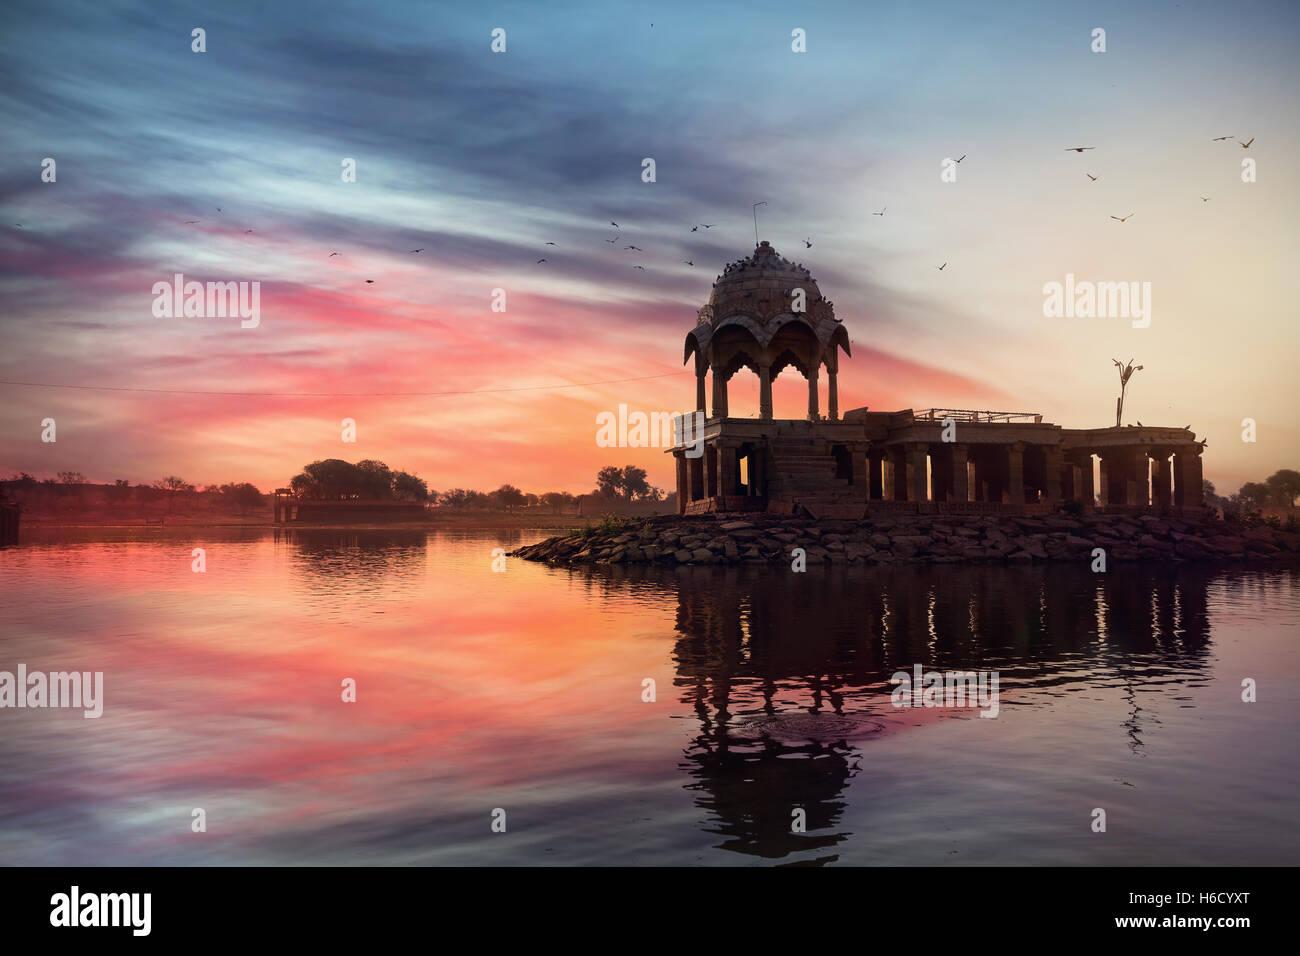 Silhouette di un tempio sulla Gadi Sagar lago a rosa vibrante Cielo di tramonto in Jaisalmer, Rajasthan, India Immagini Stock